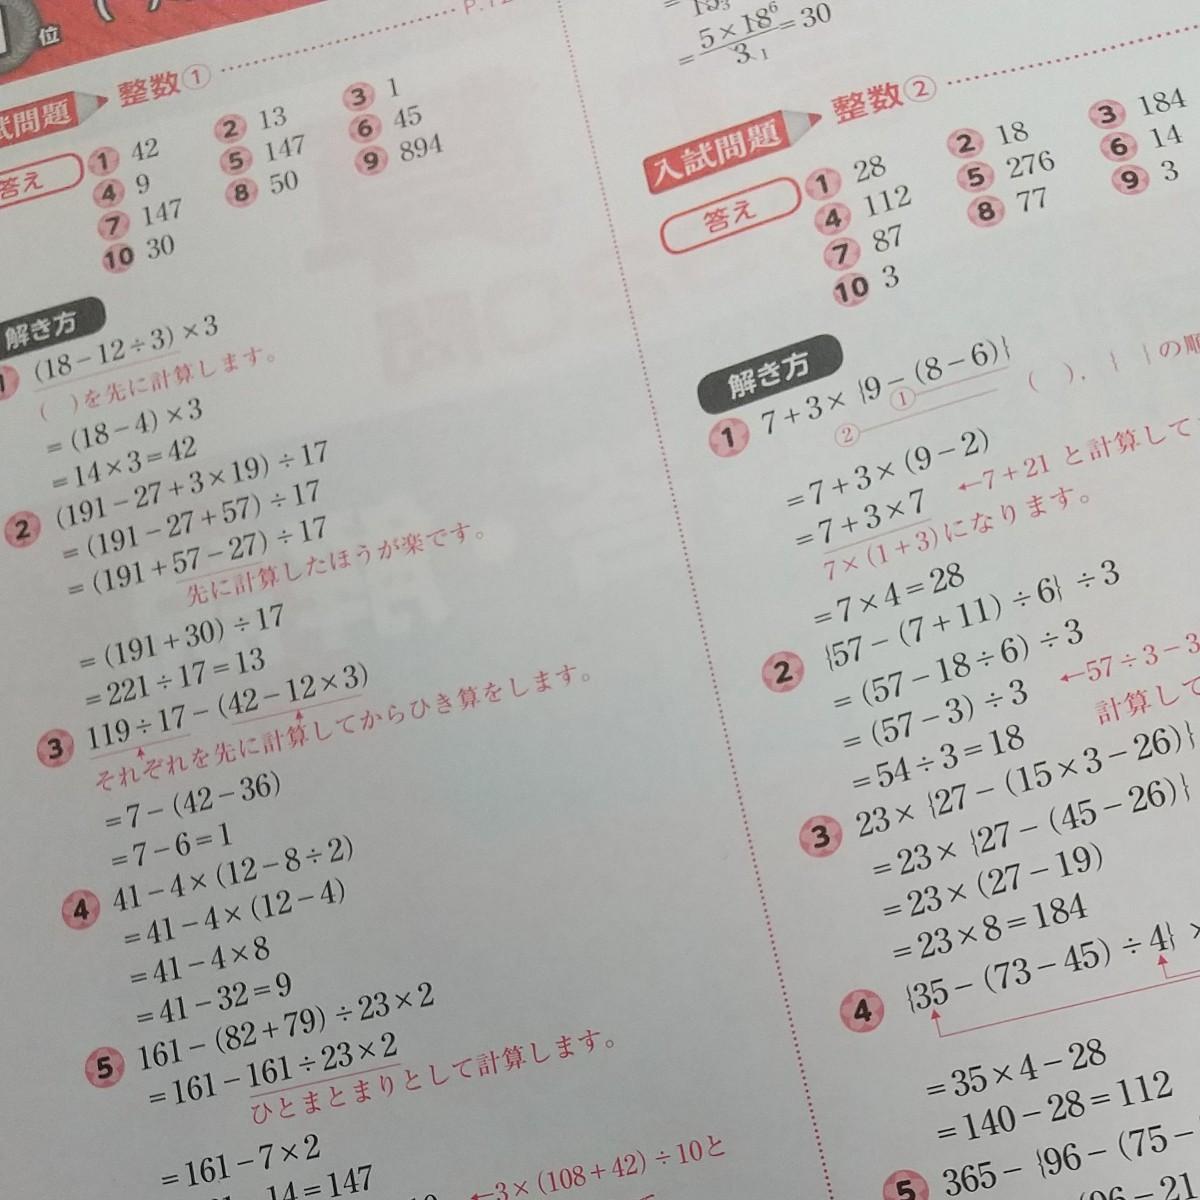 中学入試でる順過去問計算合格への920問